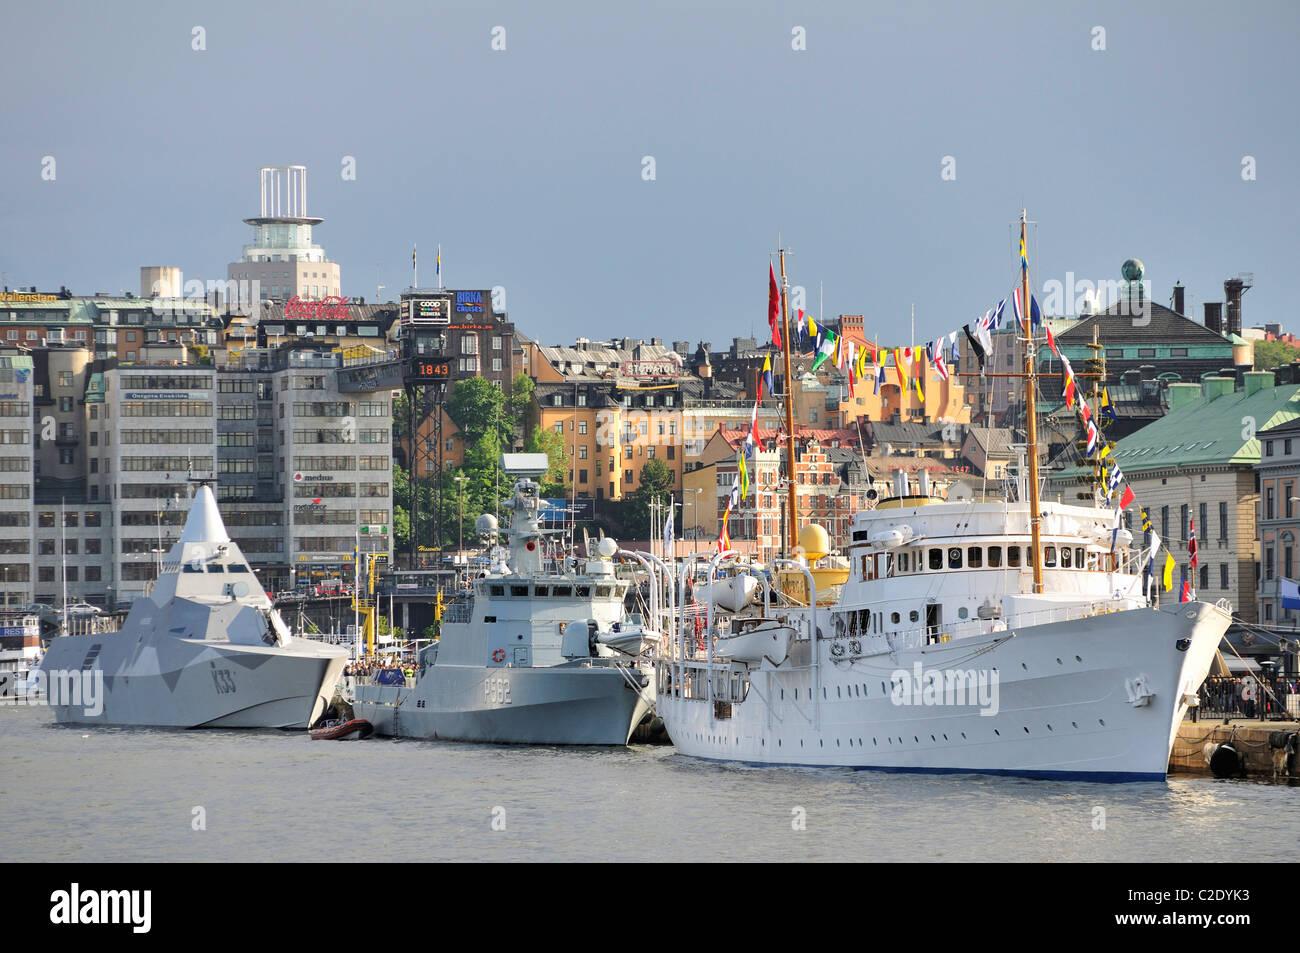 Schiffe der schwedischen Marine im Hafen von Stockholm, Schweden Stockbild